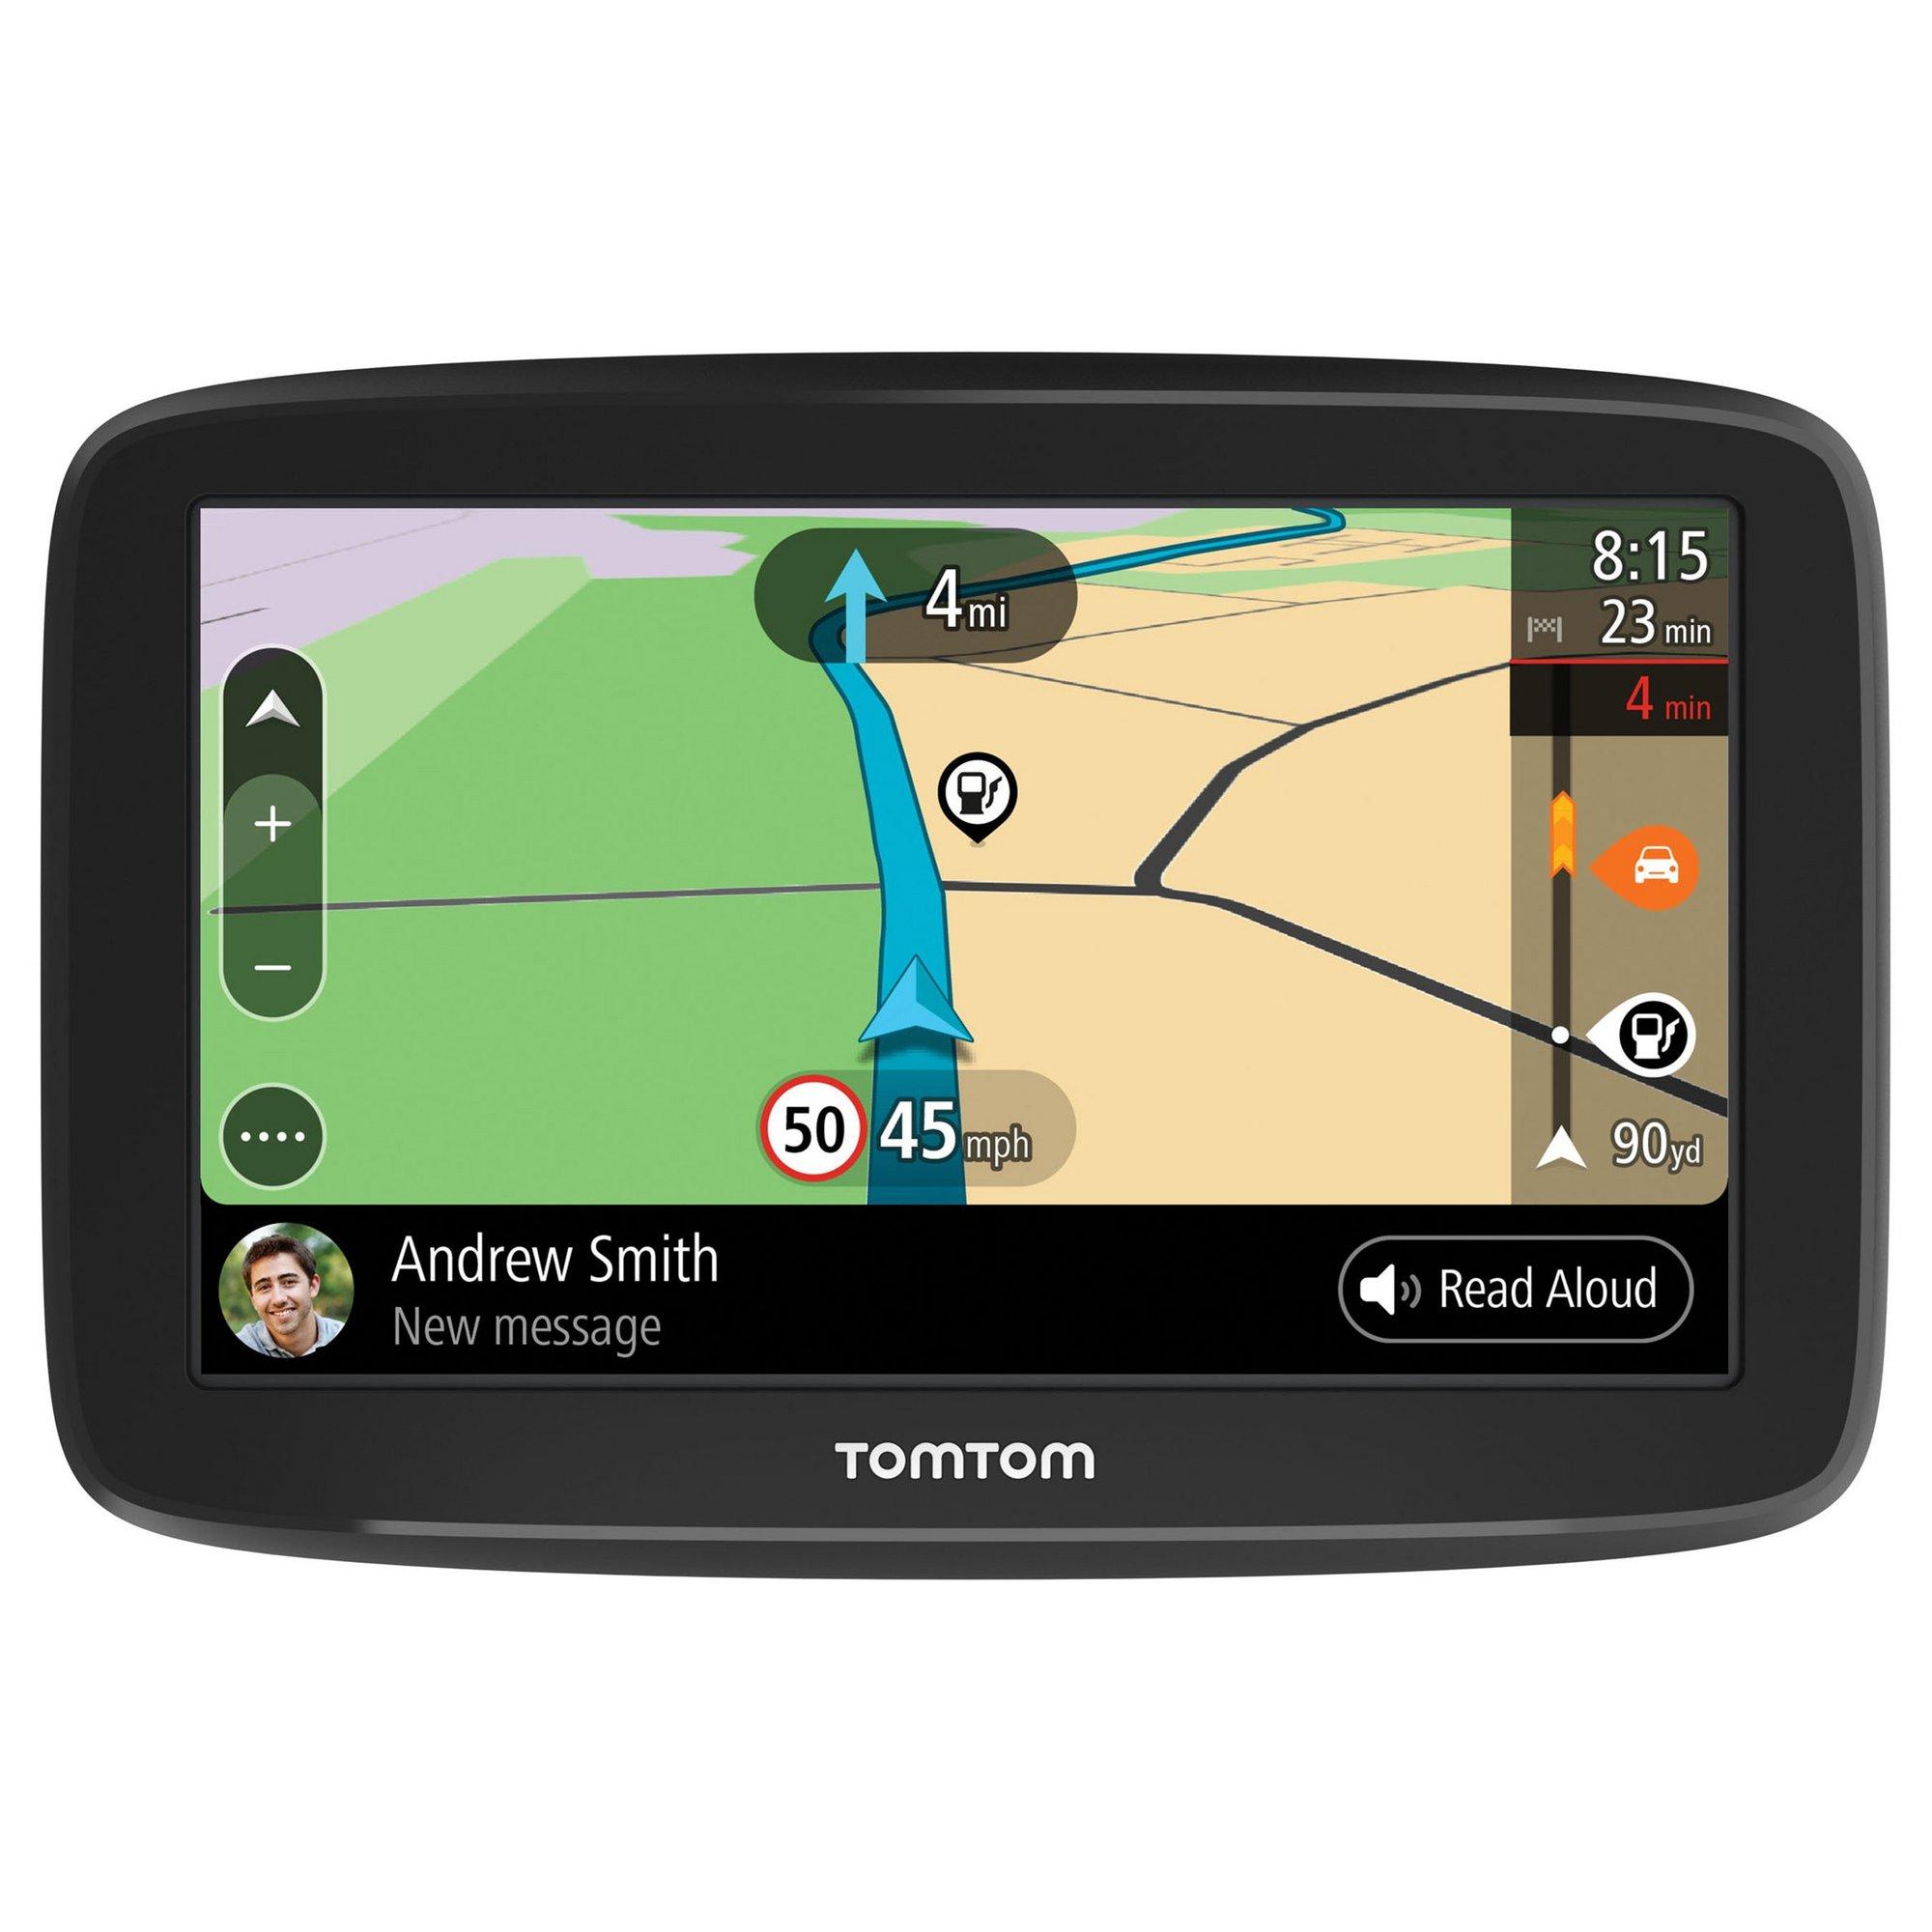 Image of TomTom Go Basic Wi-Fi EU Maps 5 Inch Sat Nav